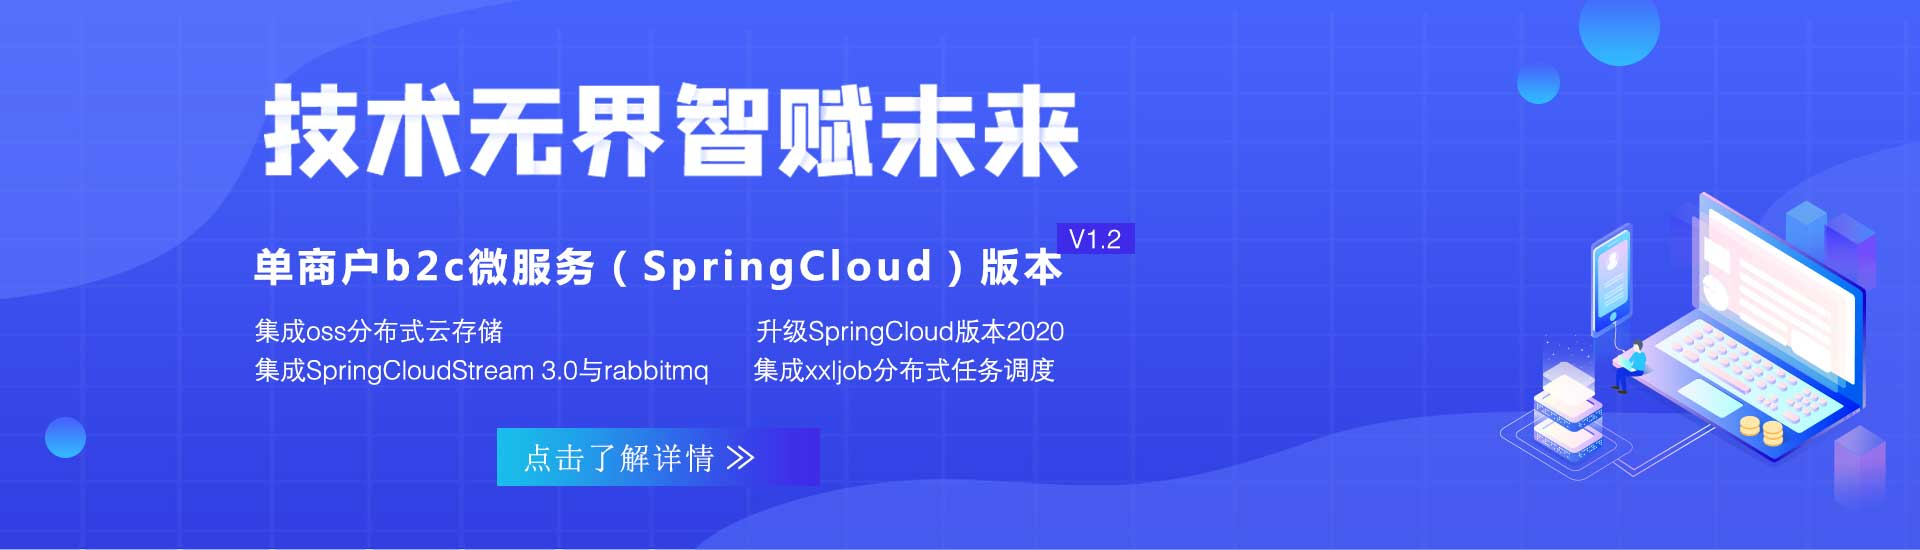 单商户B2C微服务V1.2正式发布啦